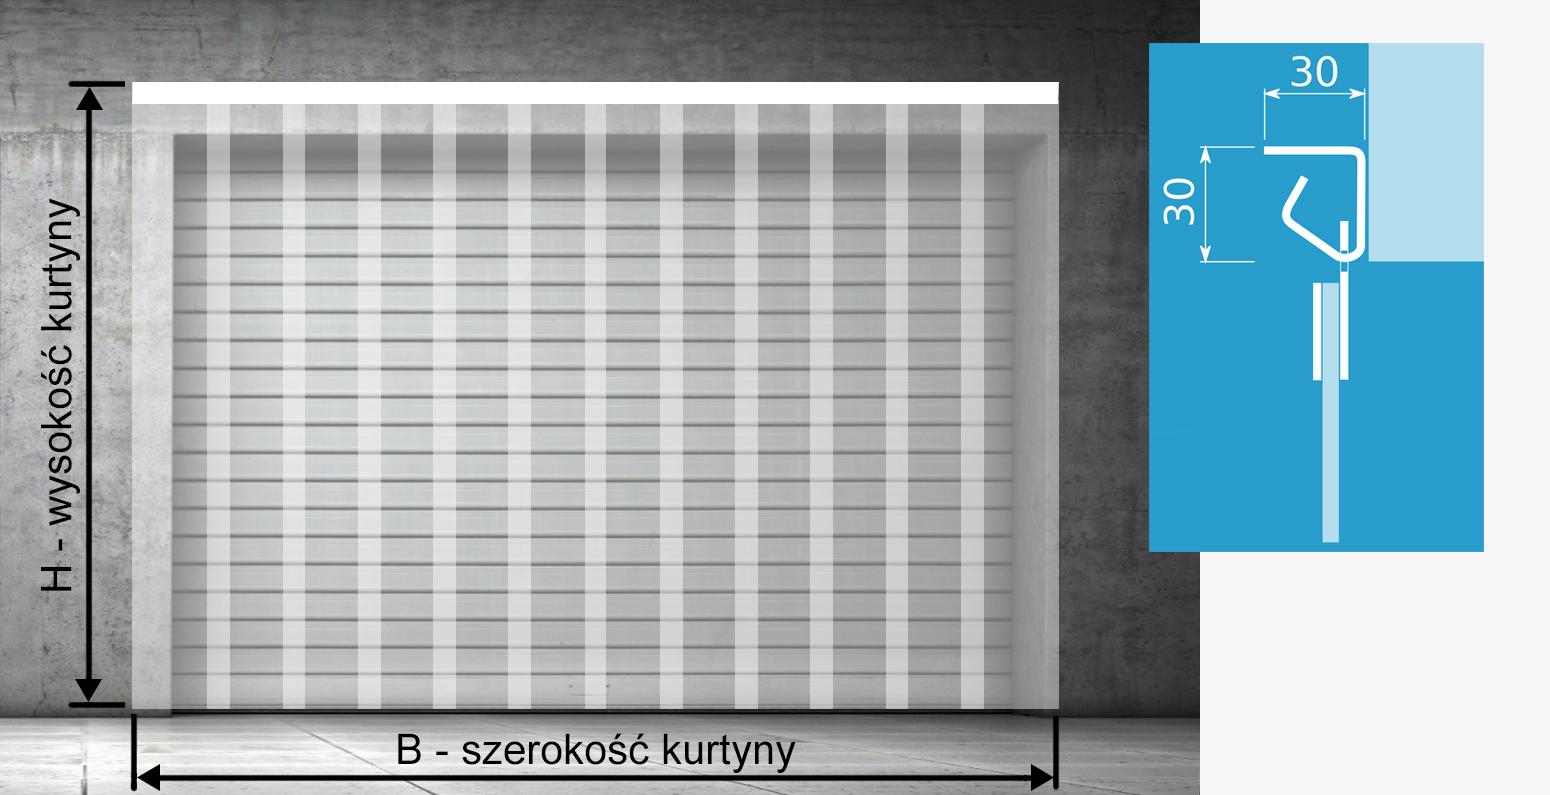 Zdjęcie pojazuje montaż naścienny kurtyny paskowej